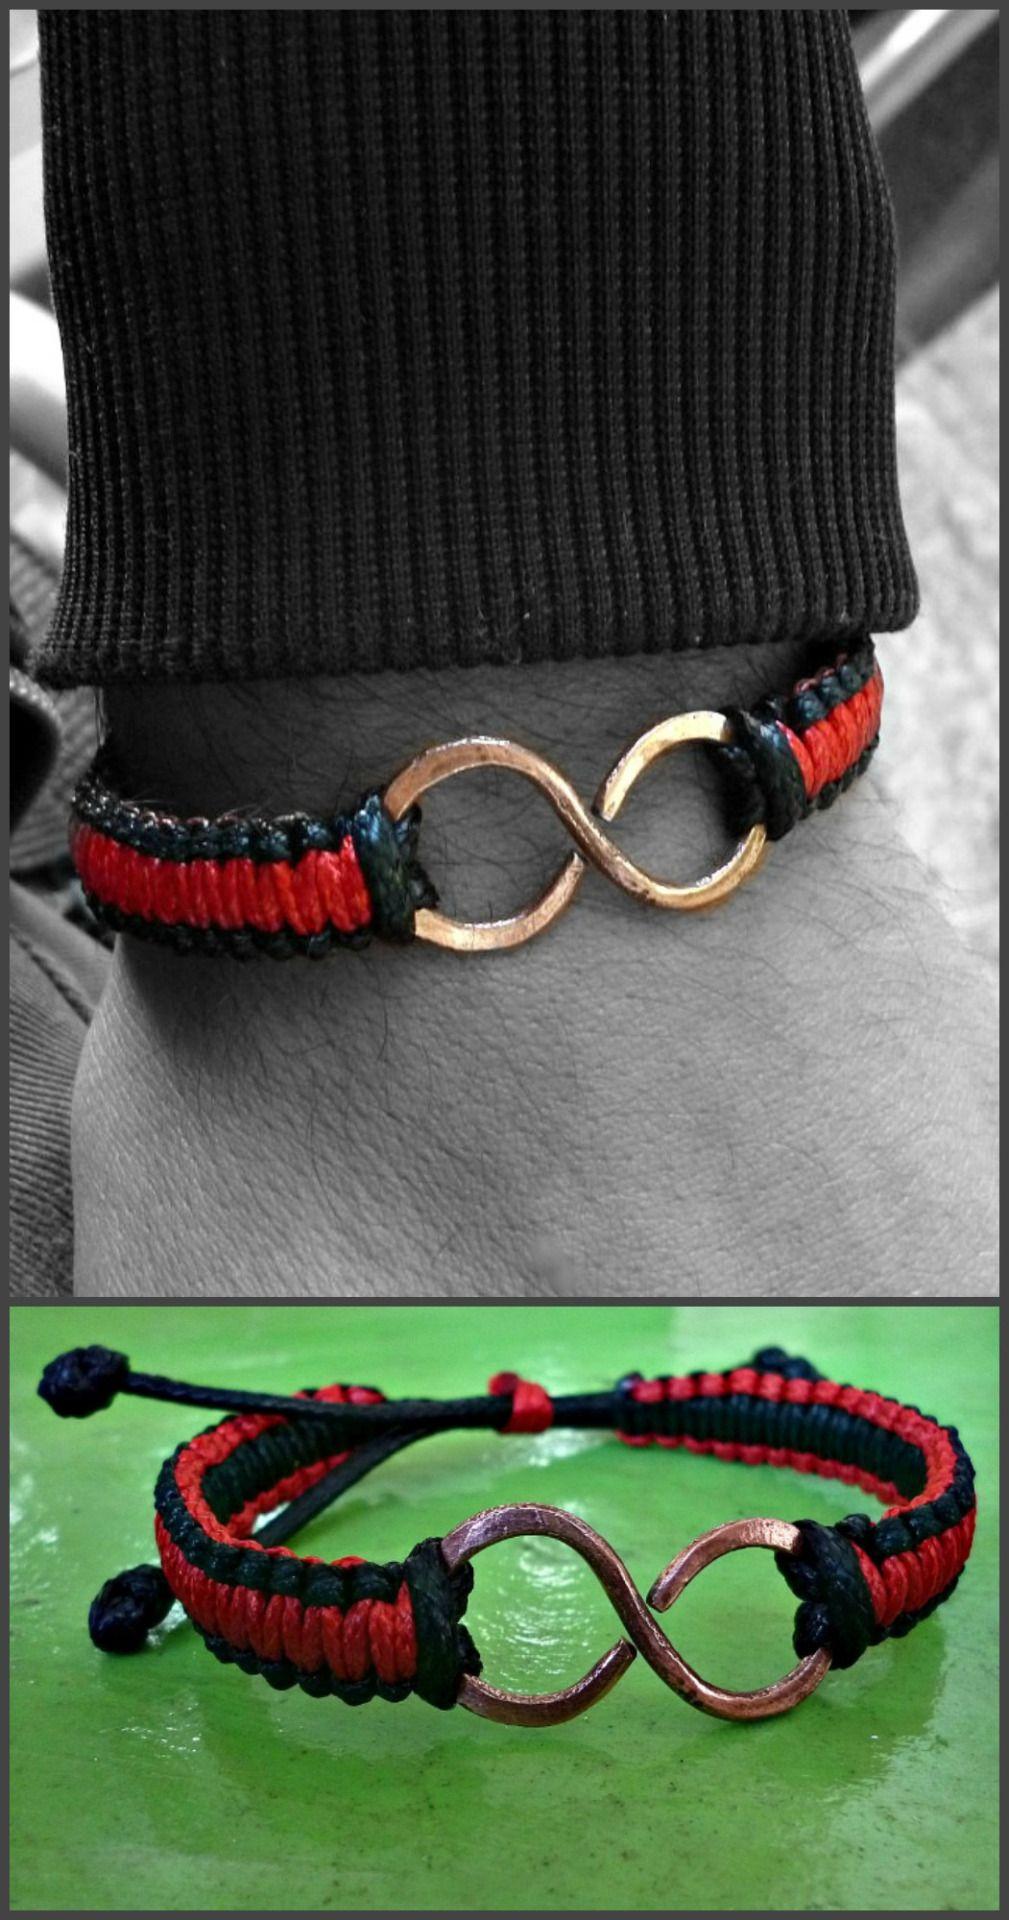 3c7c835044d5 pulsera infinito de cobre con tejido elaborado con cordon piel de serpiente